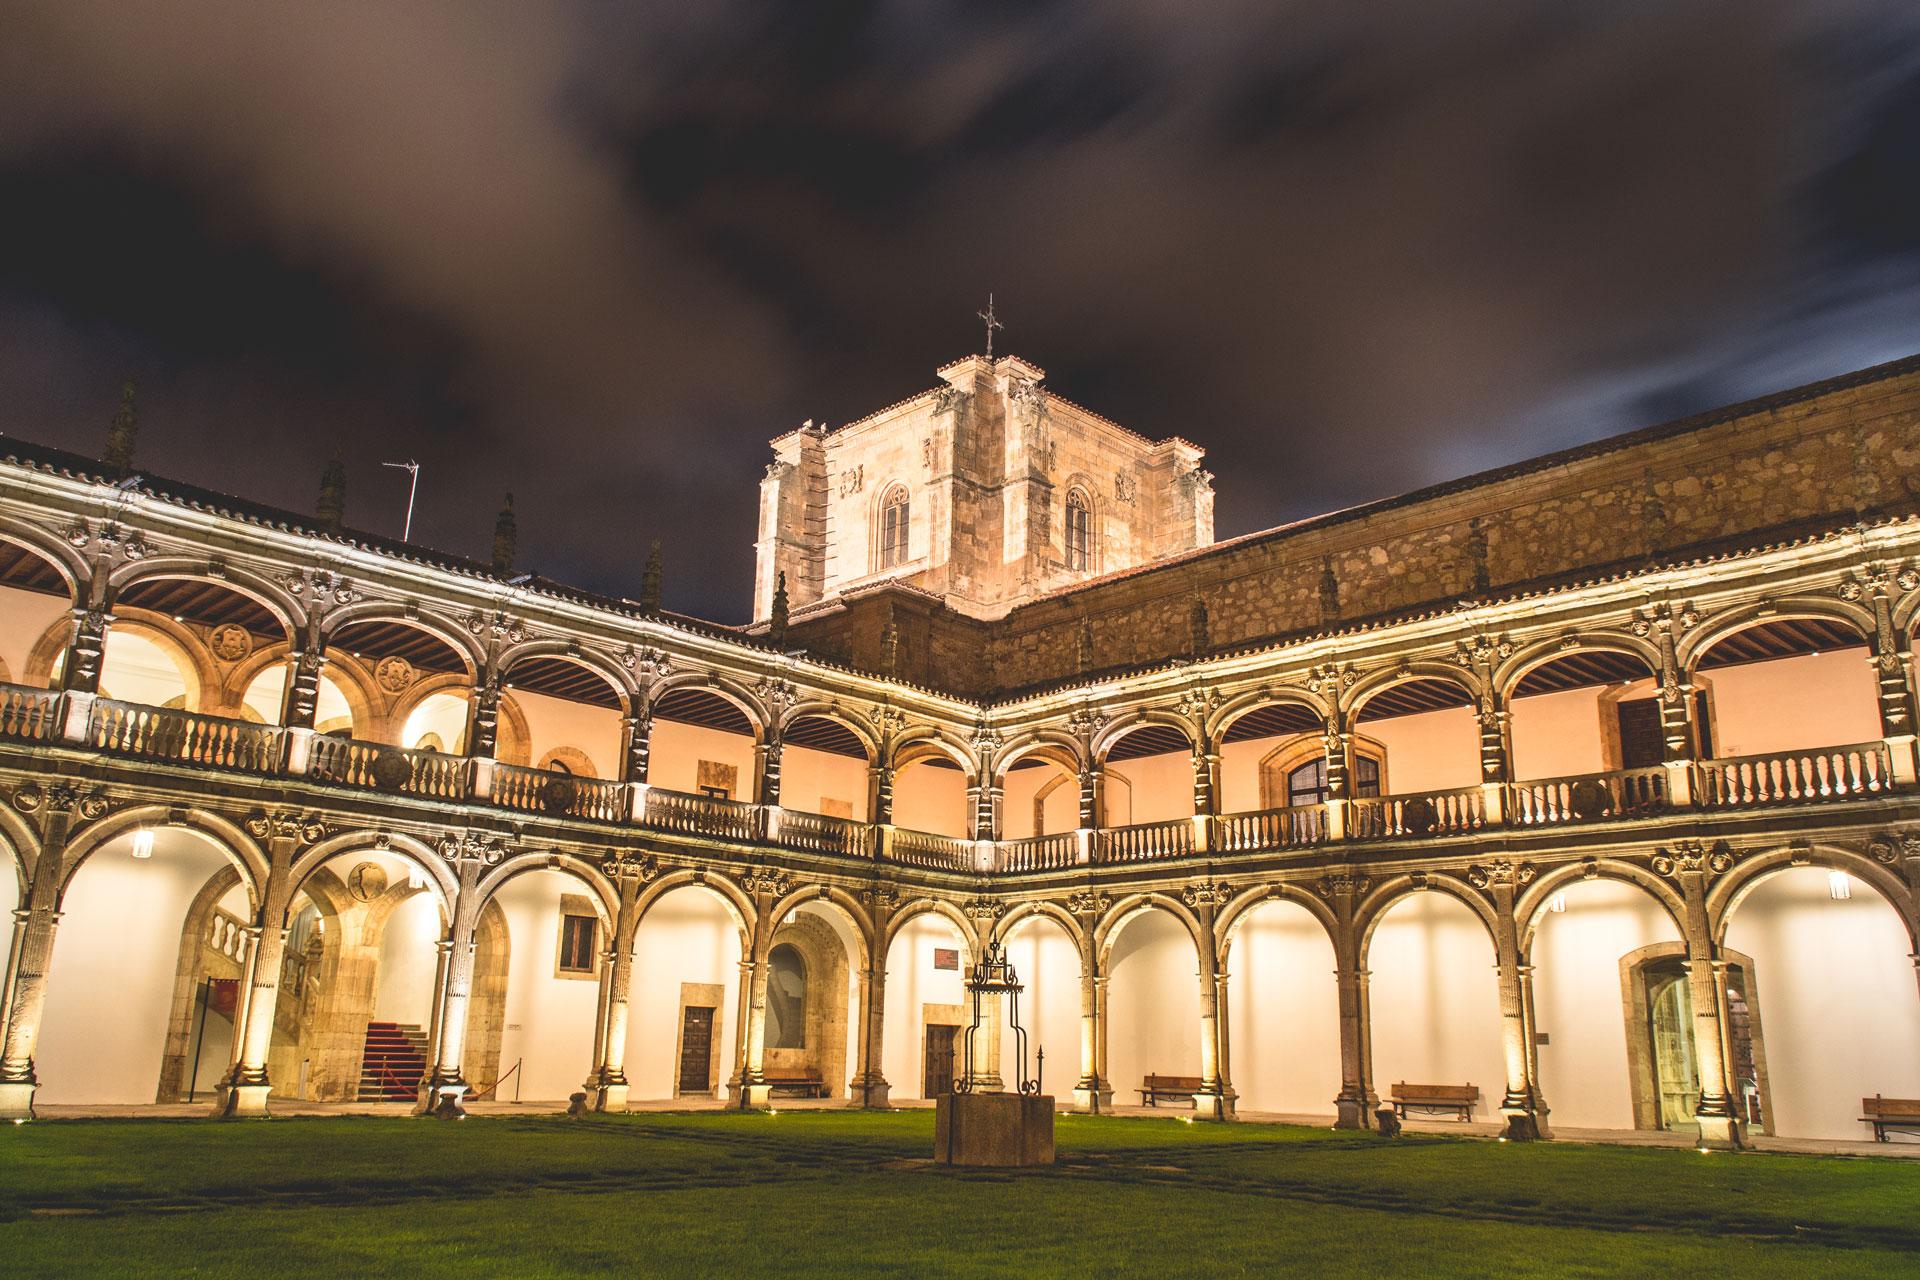 Claustro del Colegio Fonseca